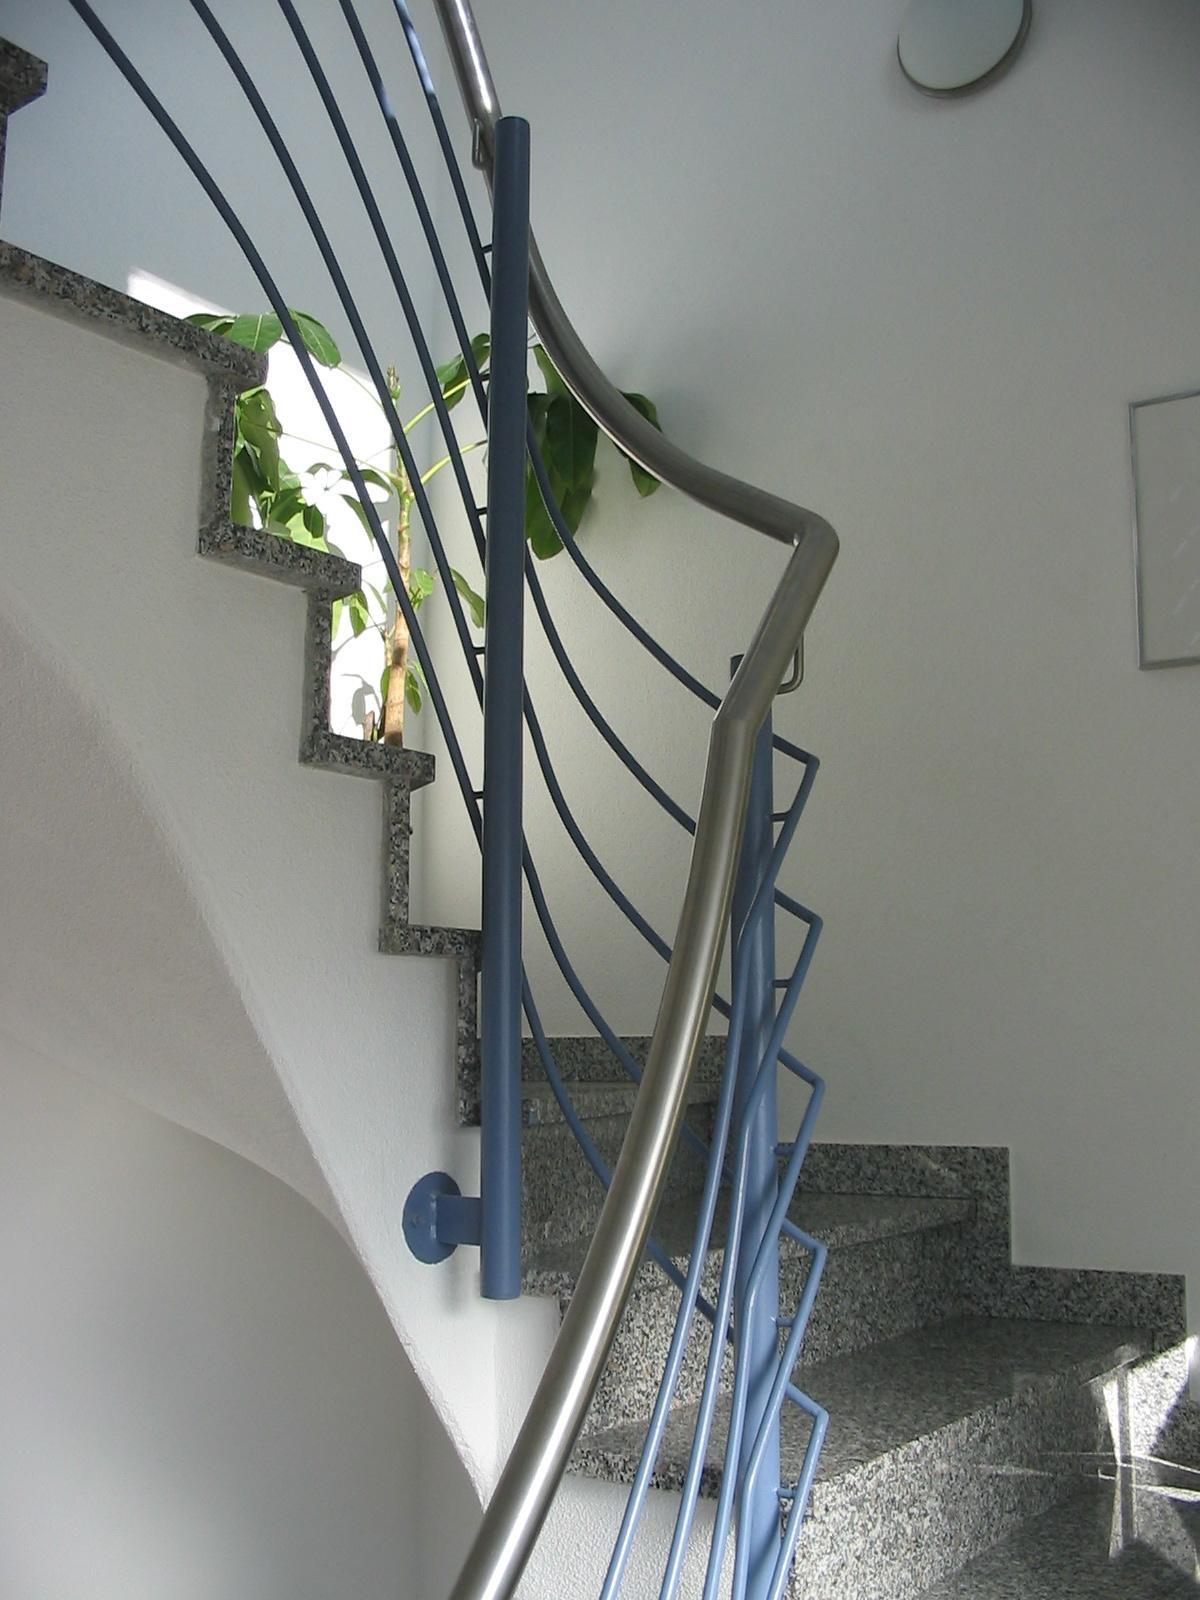 Anspruchsvoll Treppengeländer Verschönern Dekoration Von Gelaender_polzer1 Innentreppe Treppengeländer Mit Edelstahlhandlauf Kellerabgangsgeländer